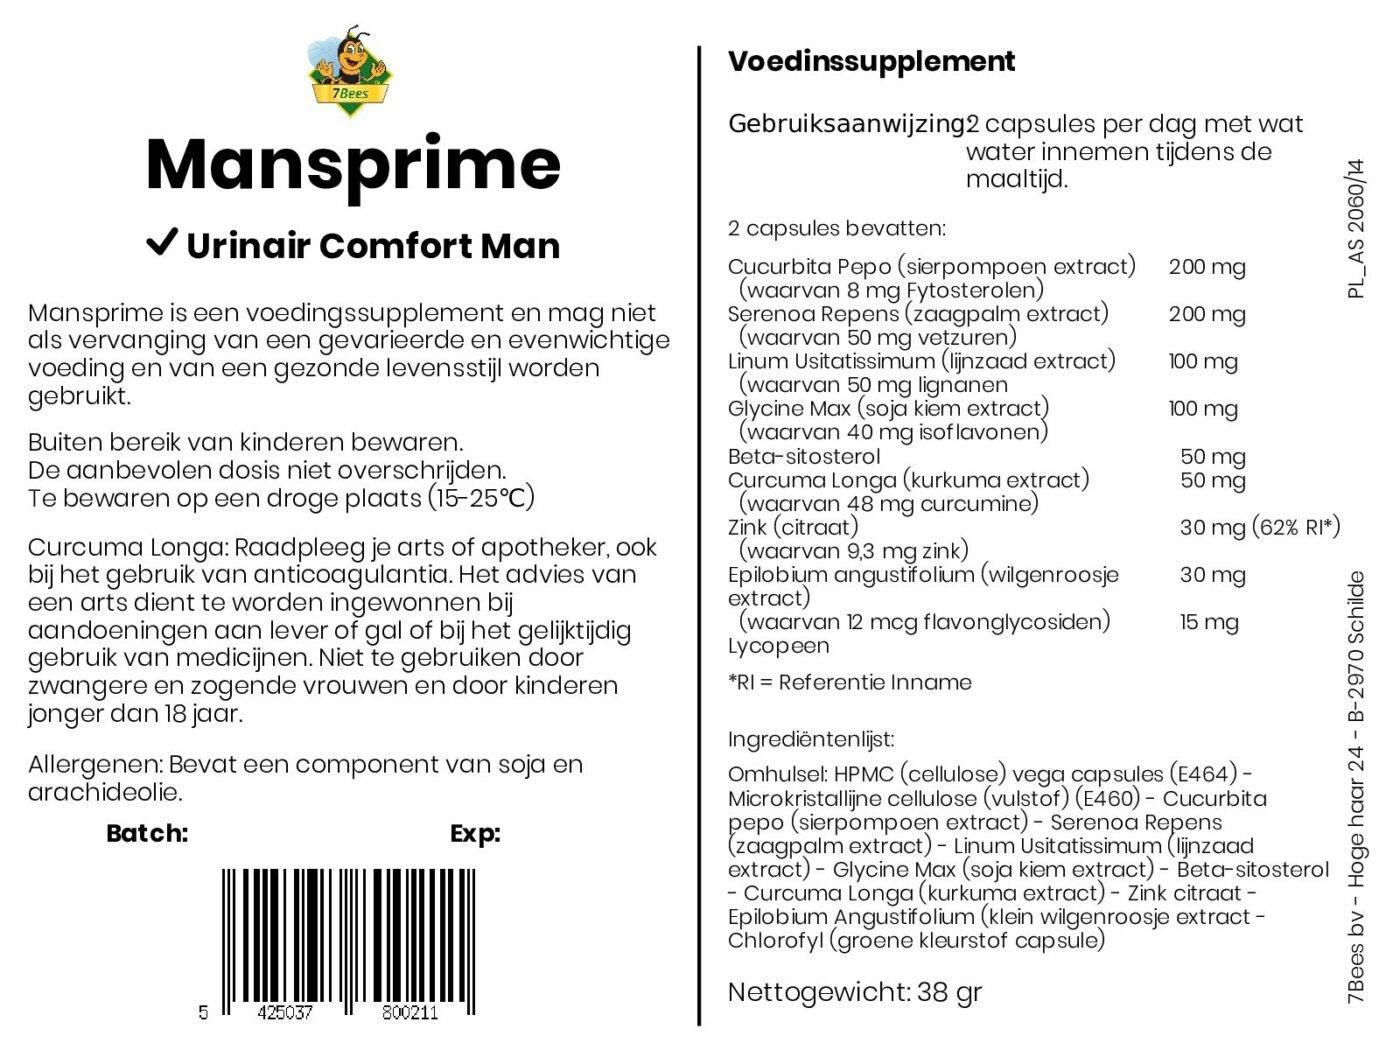 Mansprime - Ondersteunt het normaal blijven plassen bij de volwassen man 3